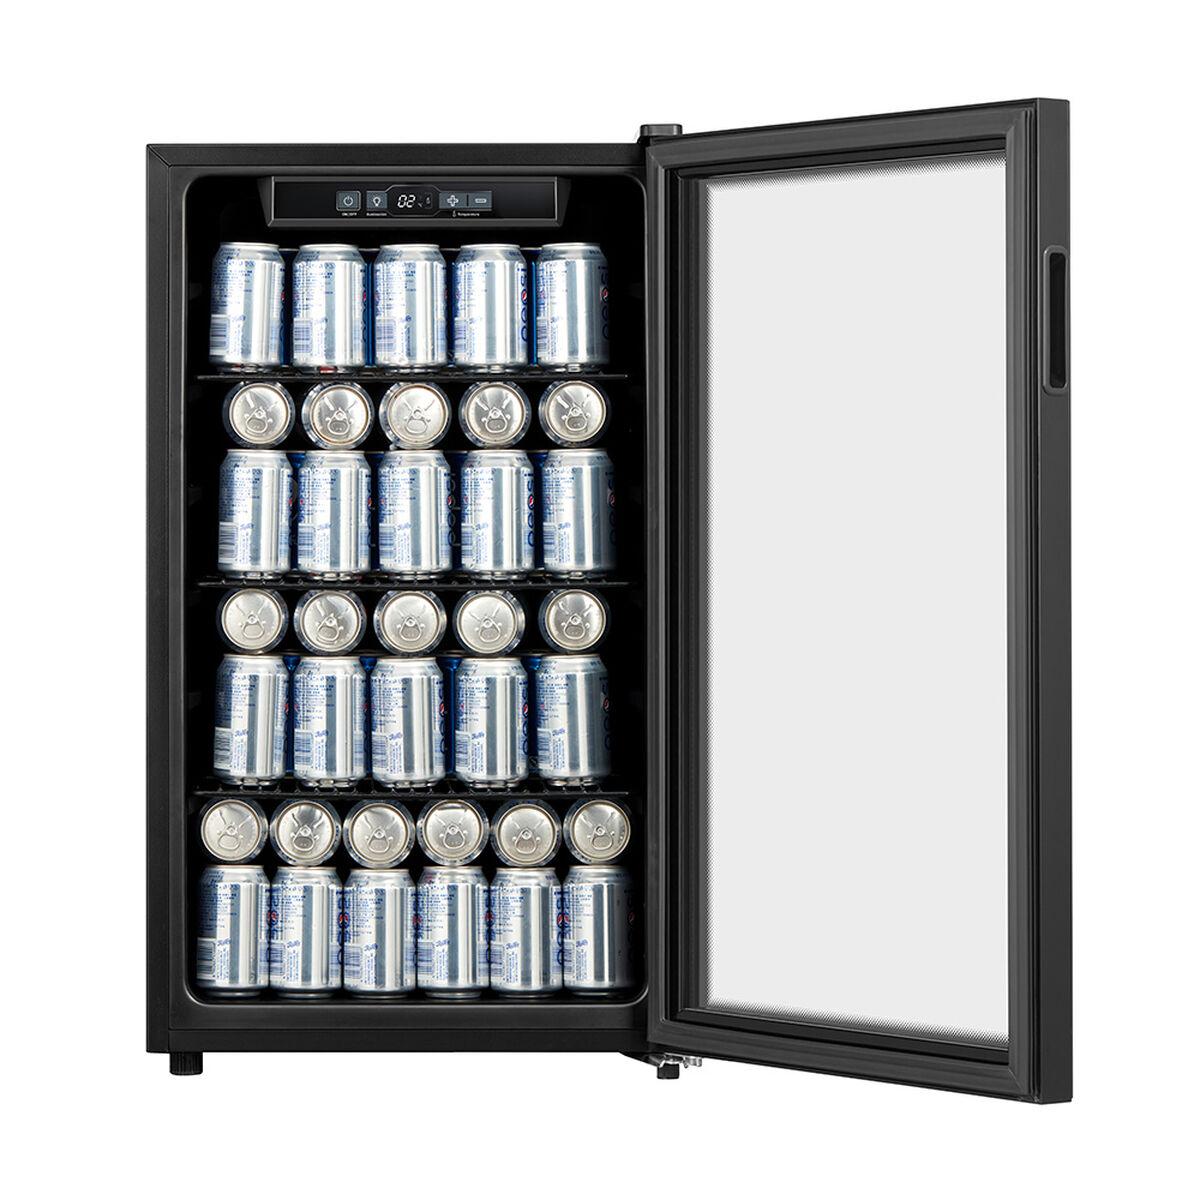 Beer Cooler No Frost Midea MBC-960N125SEN 96 lts